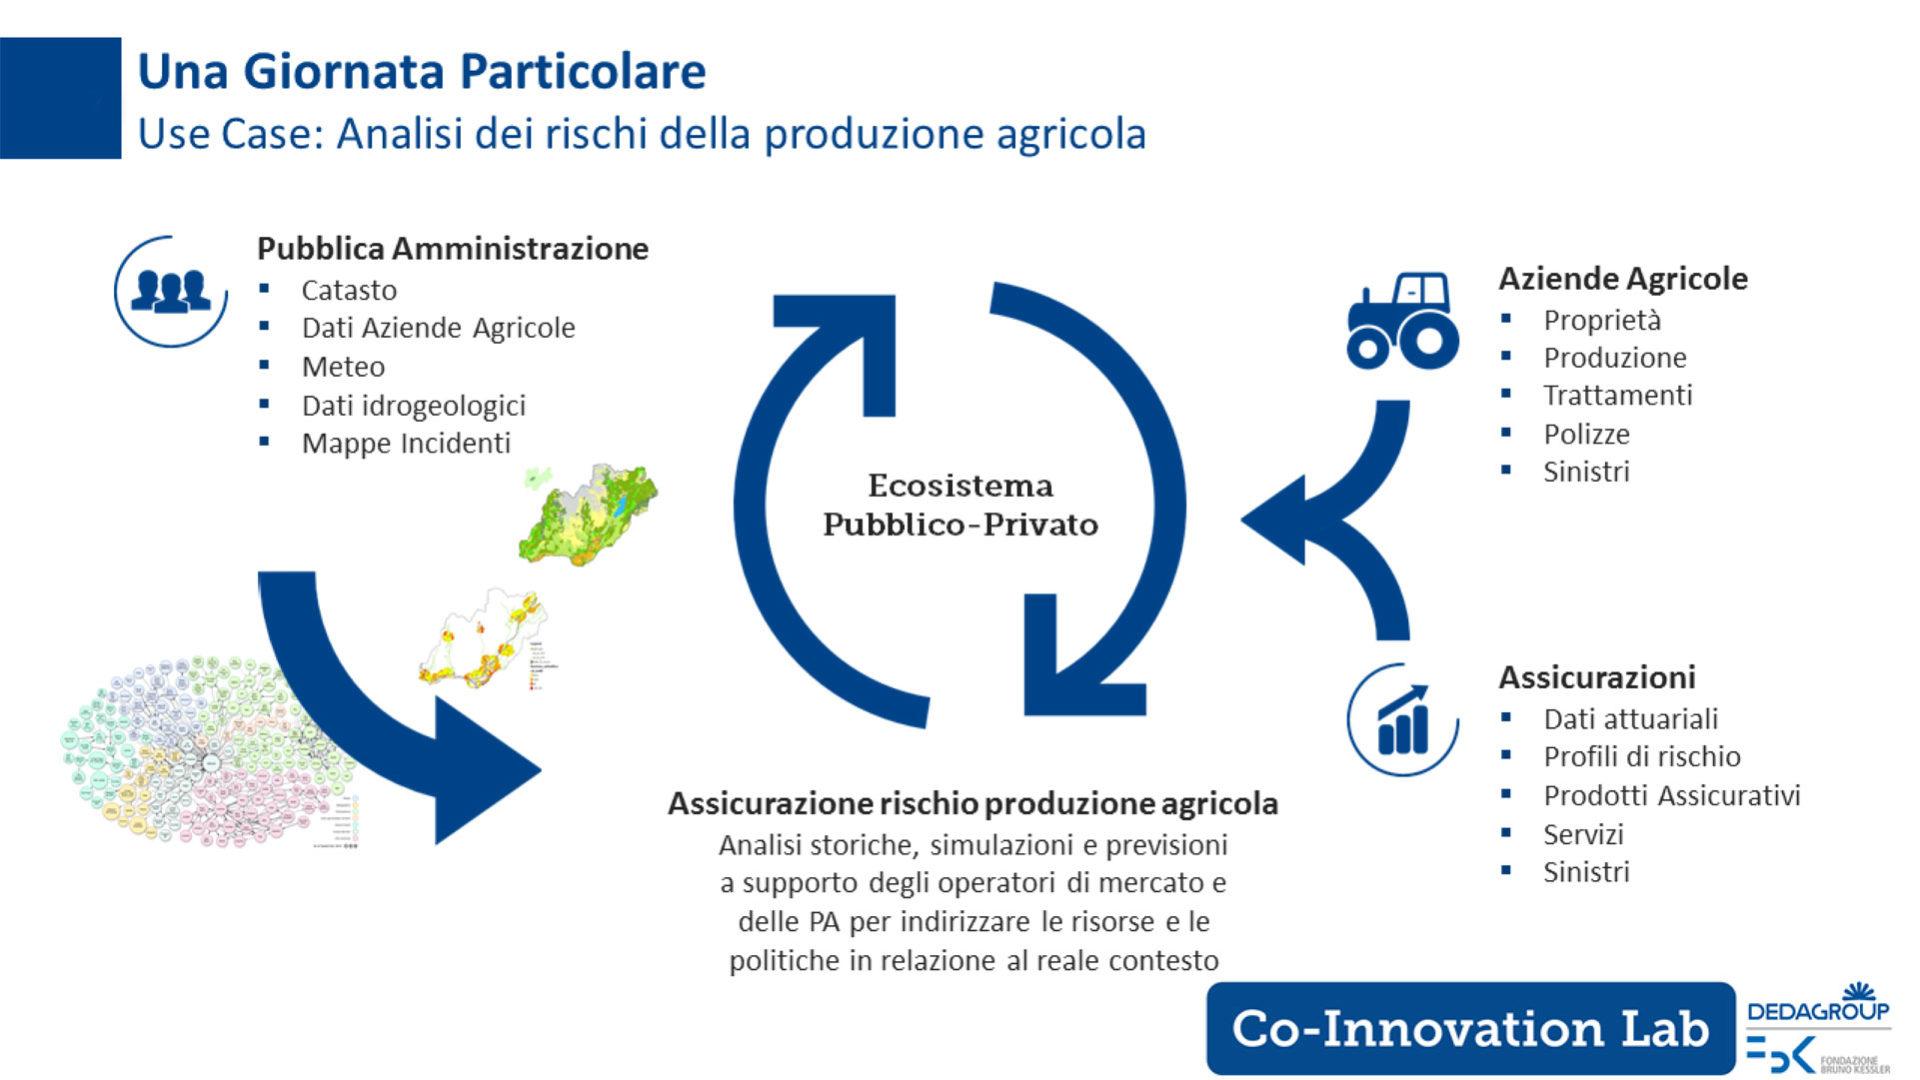 Schema della Use case relativa all'integrazione del mondo Pa, assicurazioni e aziende agricole per l'analisi dei rischi in ambito produzione agricola - Fonte: Dedagroup